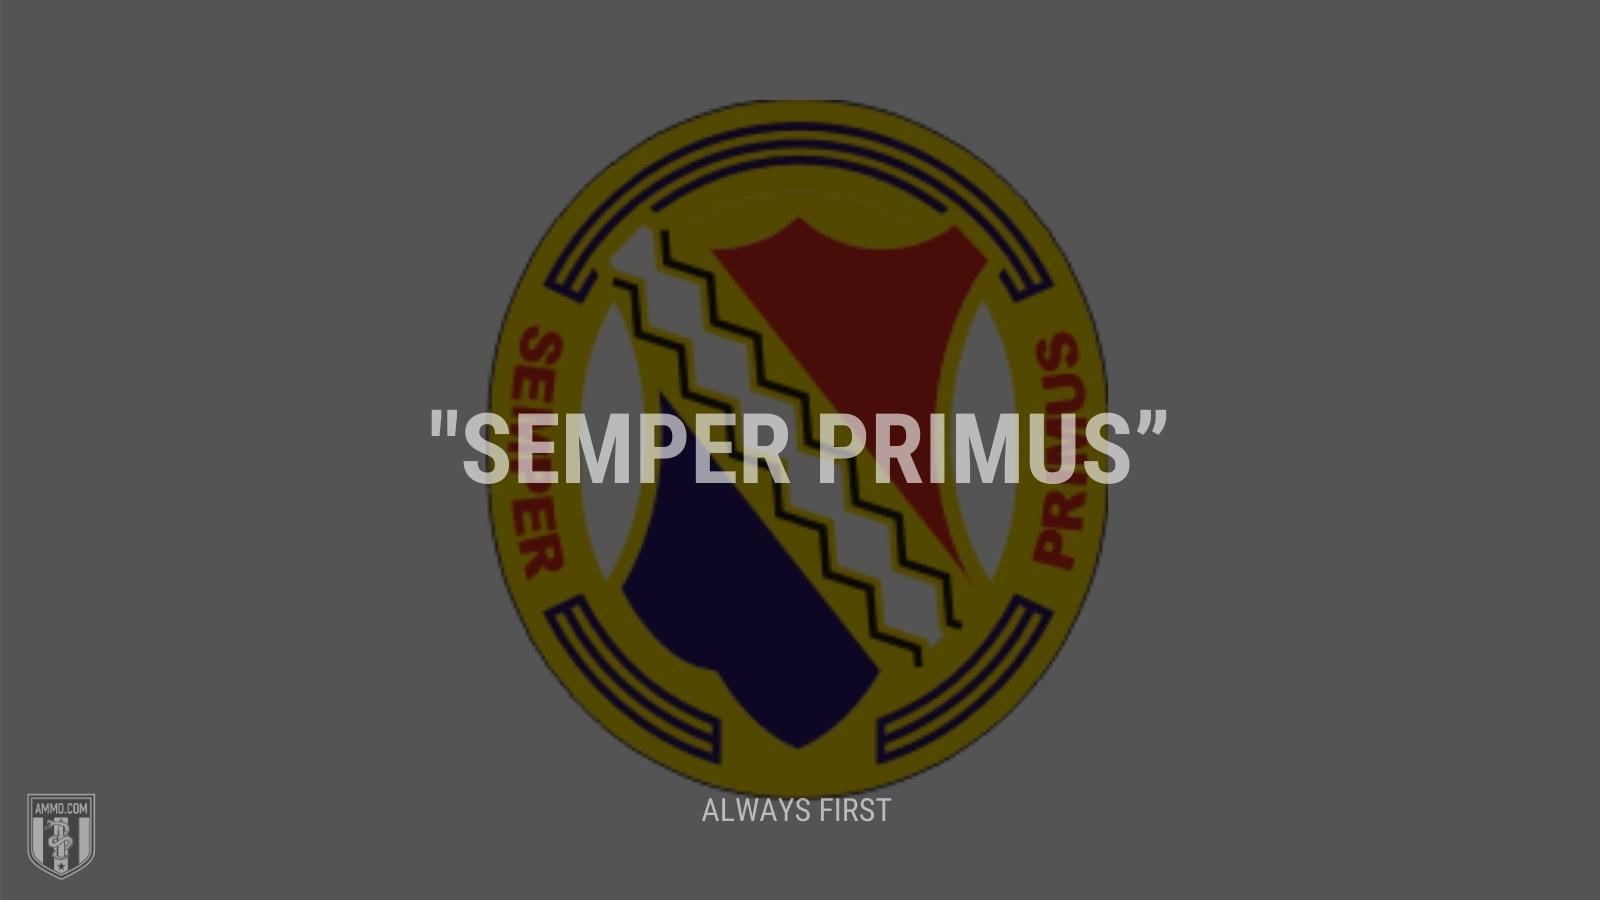 """""""Semper primus"""" - Always first"""